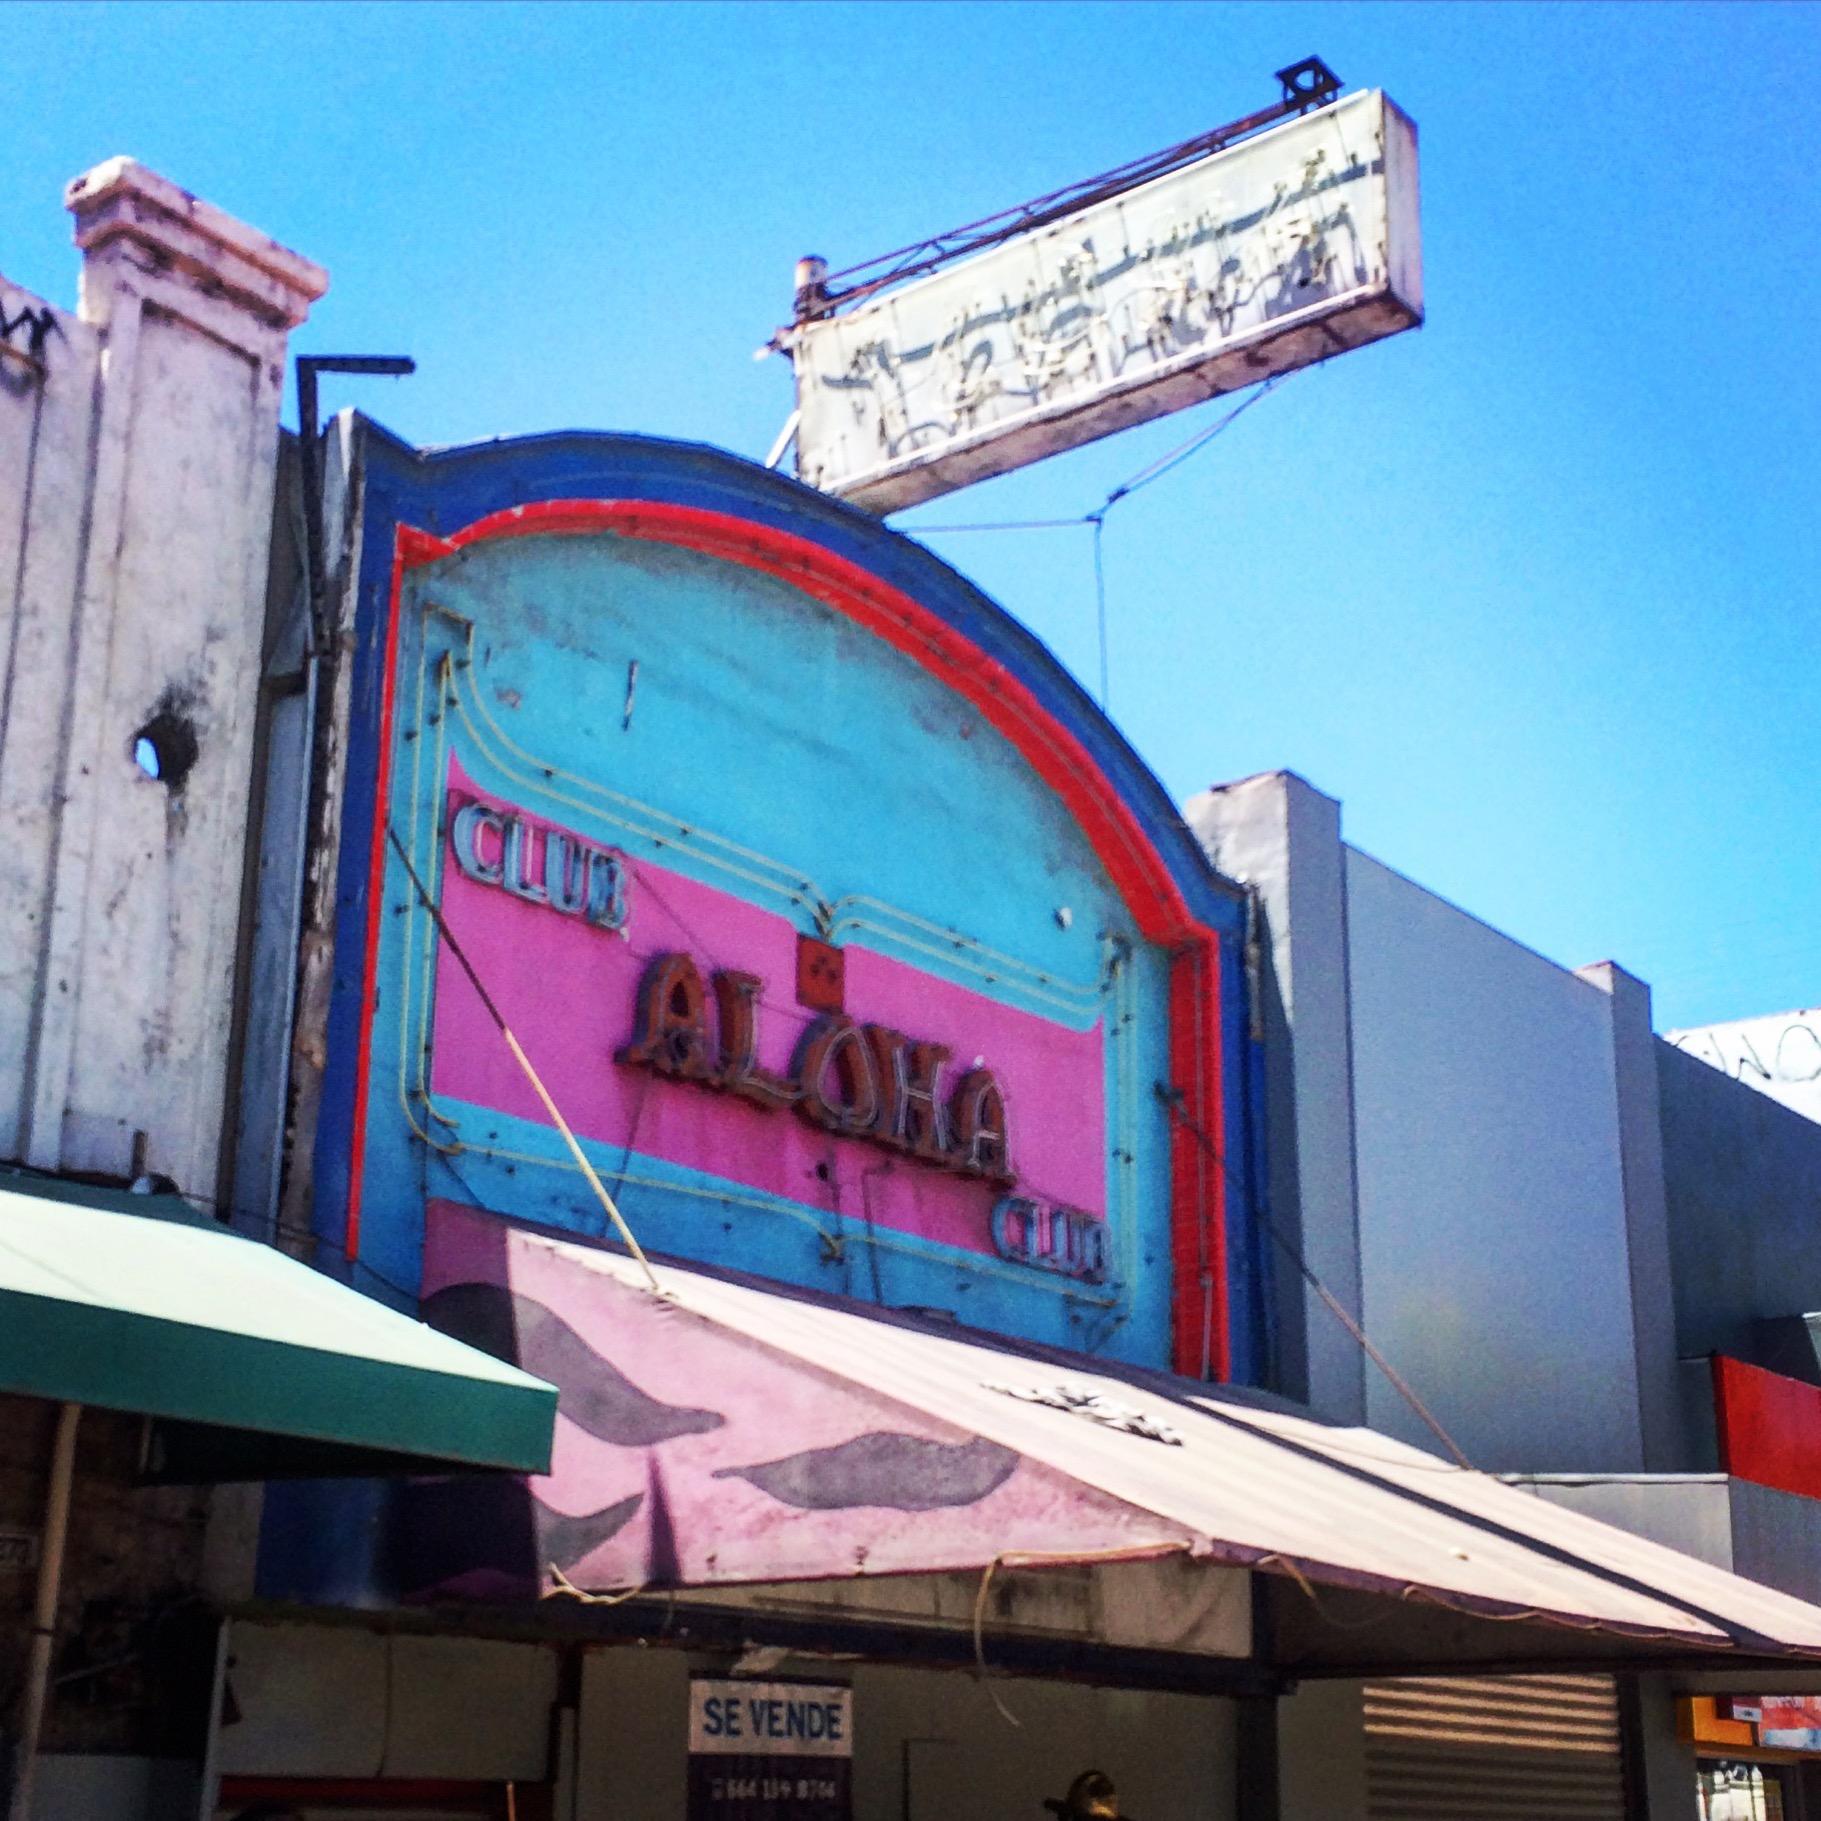 Aloha Club, Tijuana, 2016